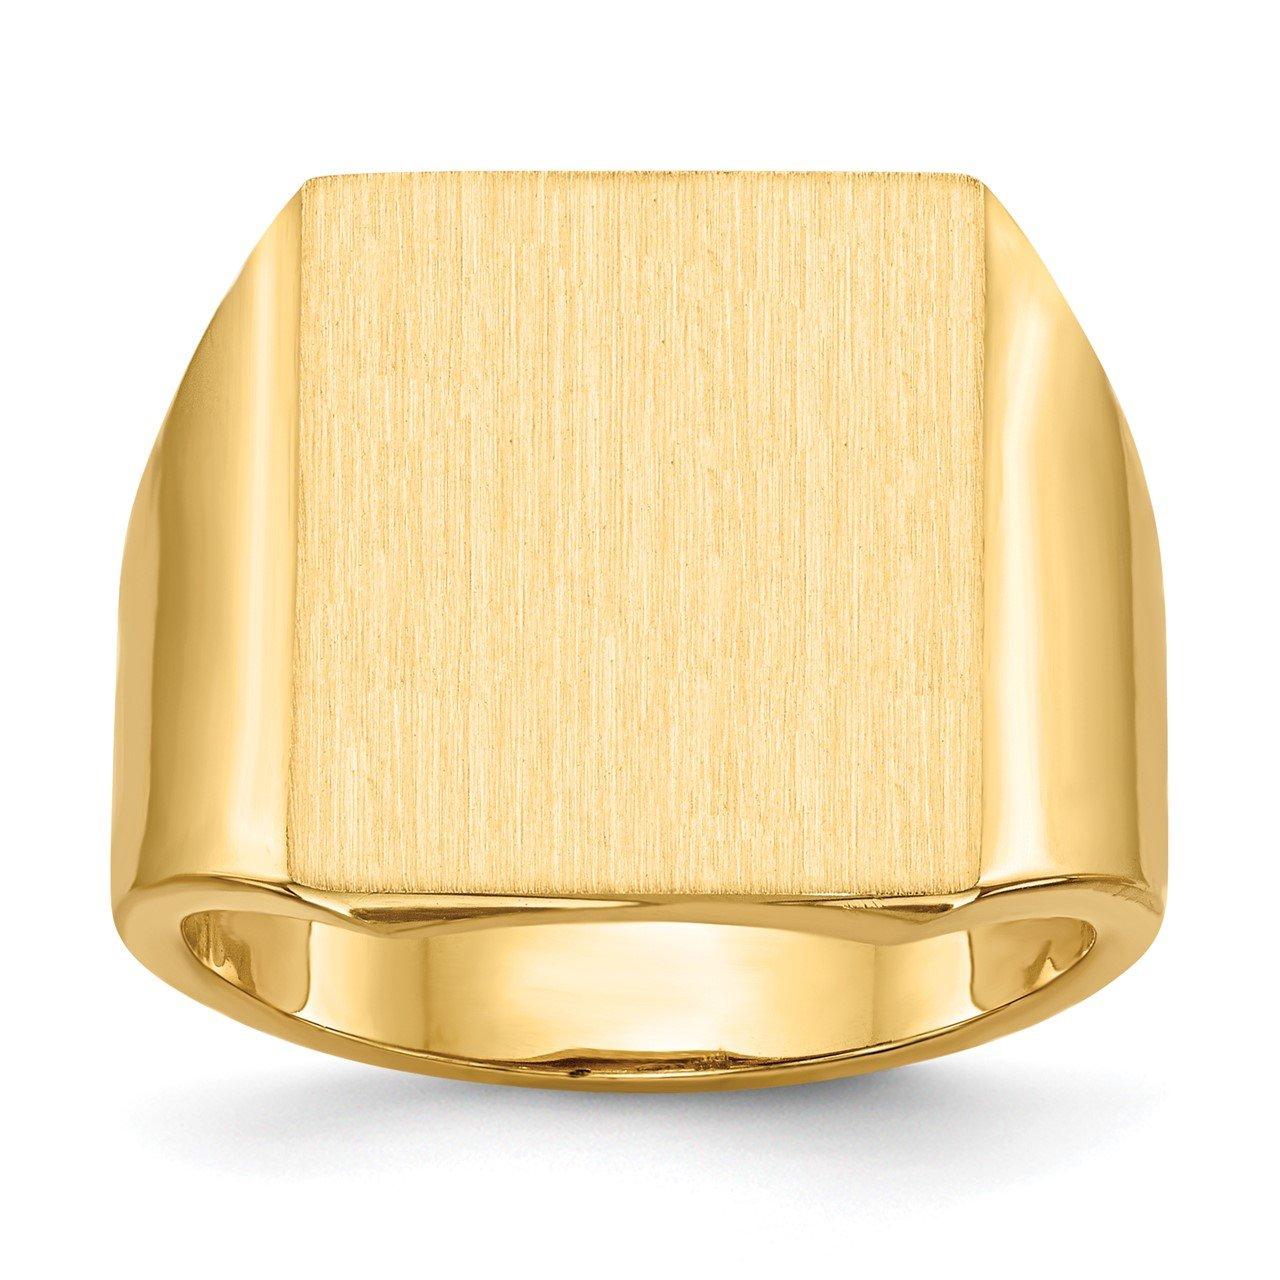 14k 17.5x15.5mm Open Back Mens Signet Ring